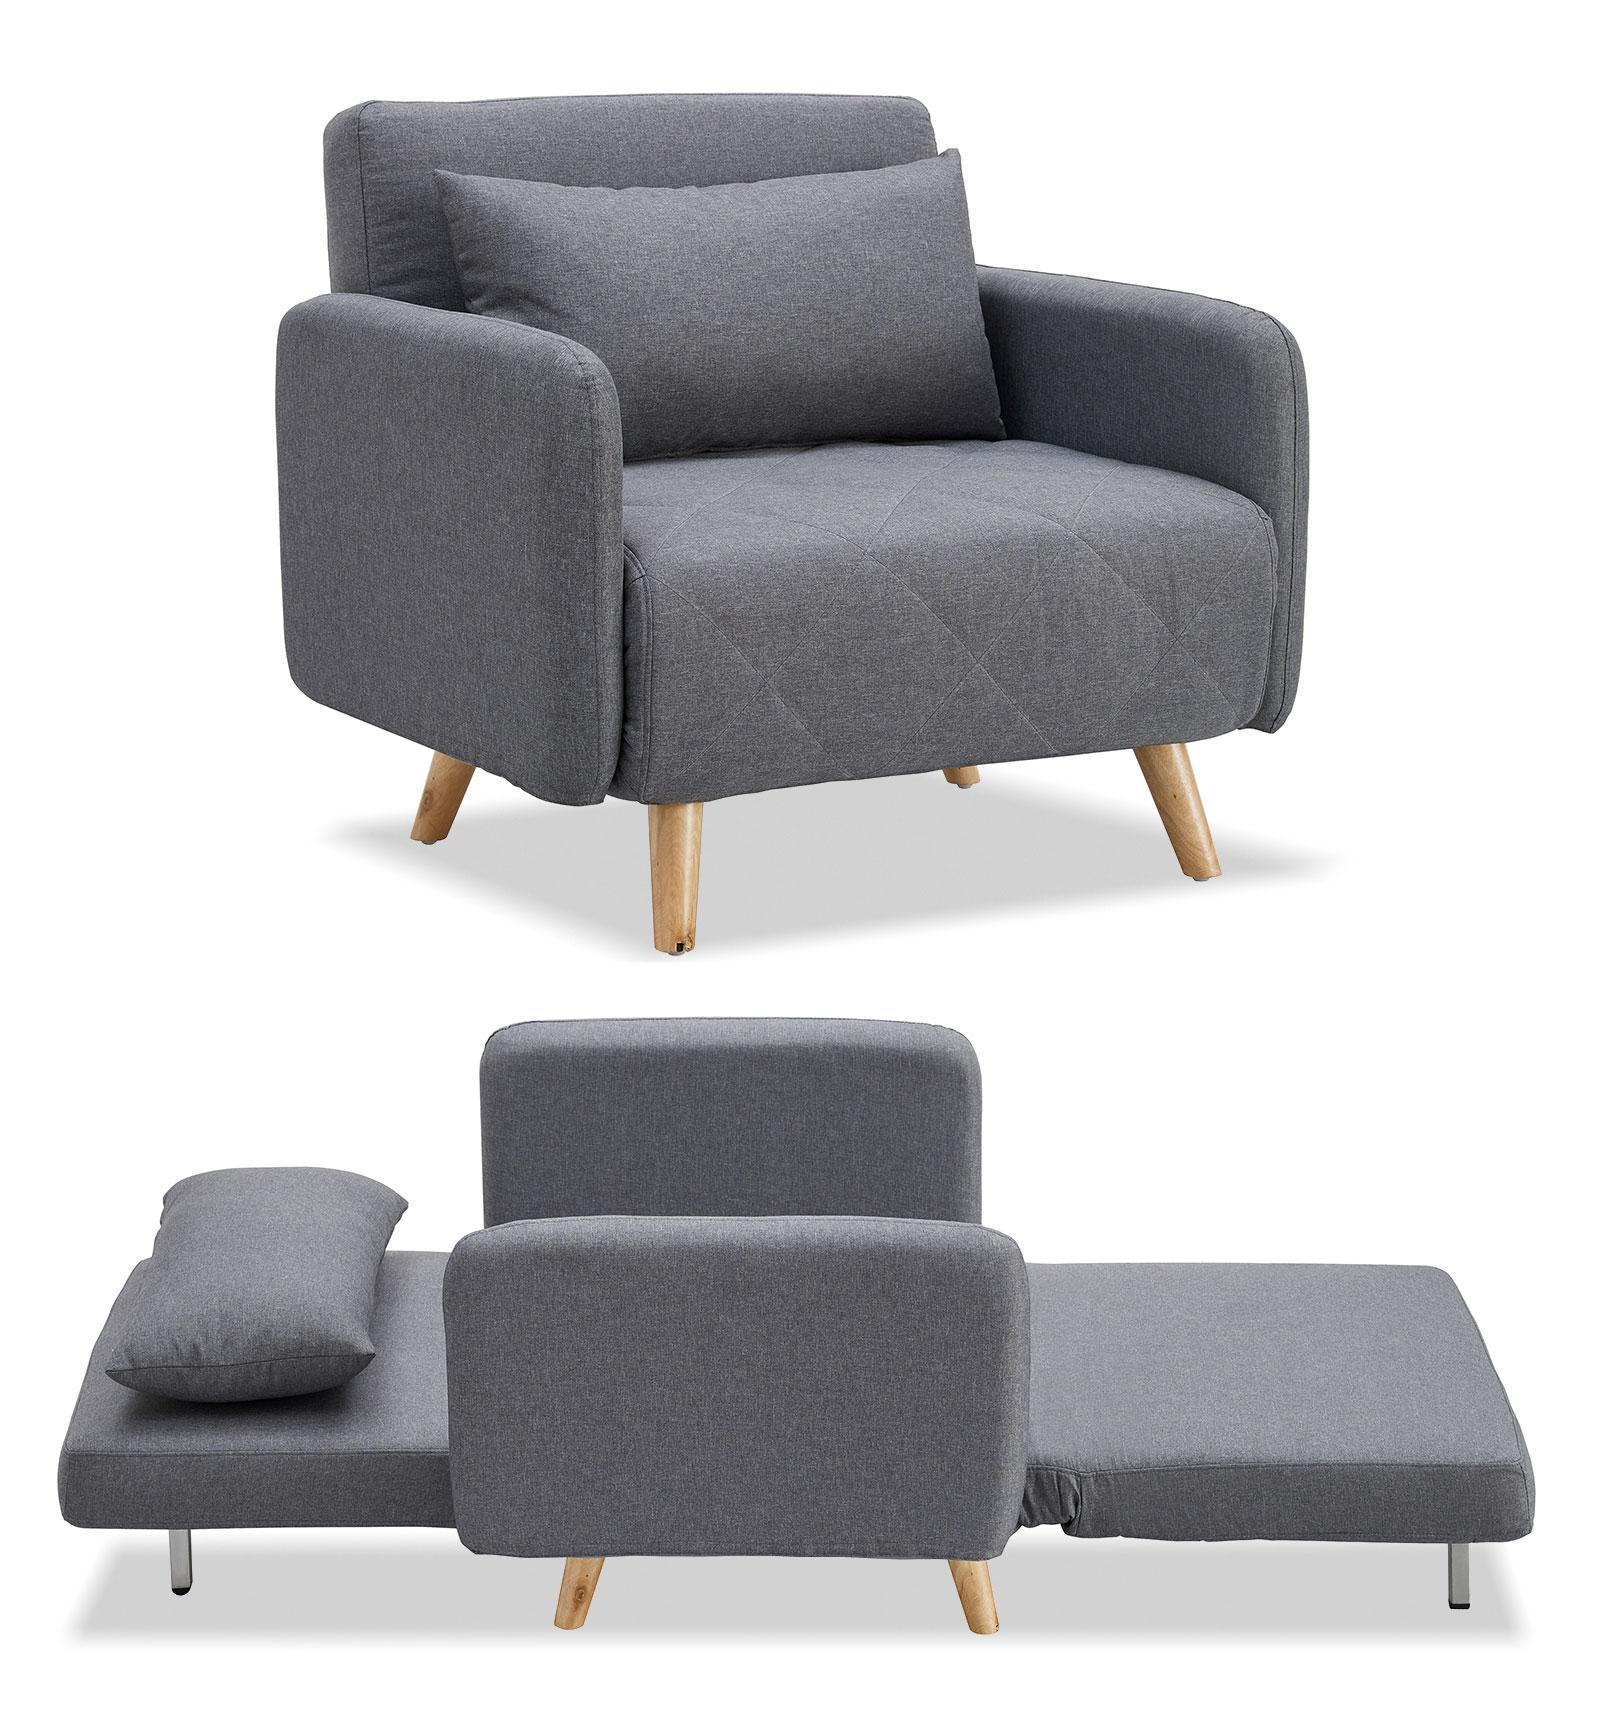 Кресло кровать Cardiff, темно серый